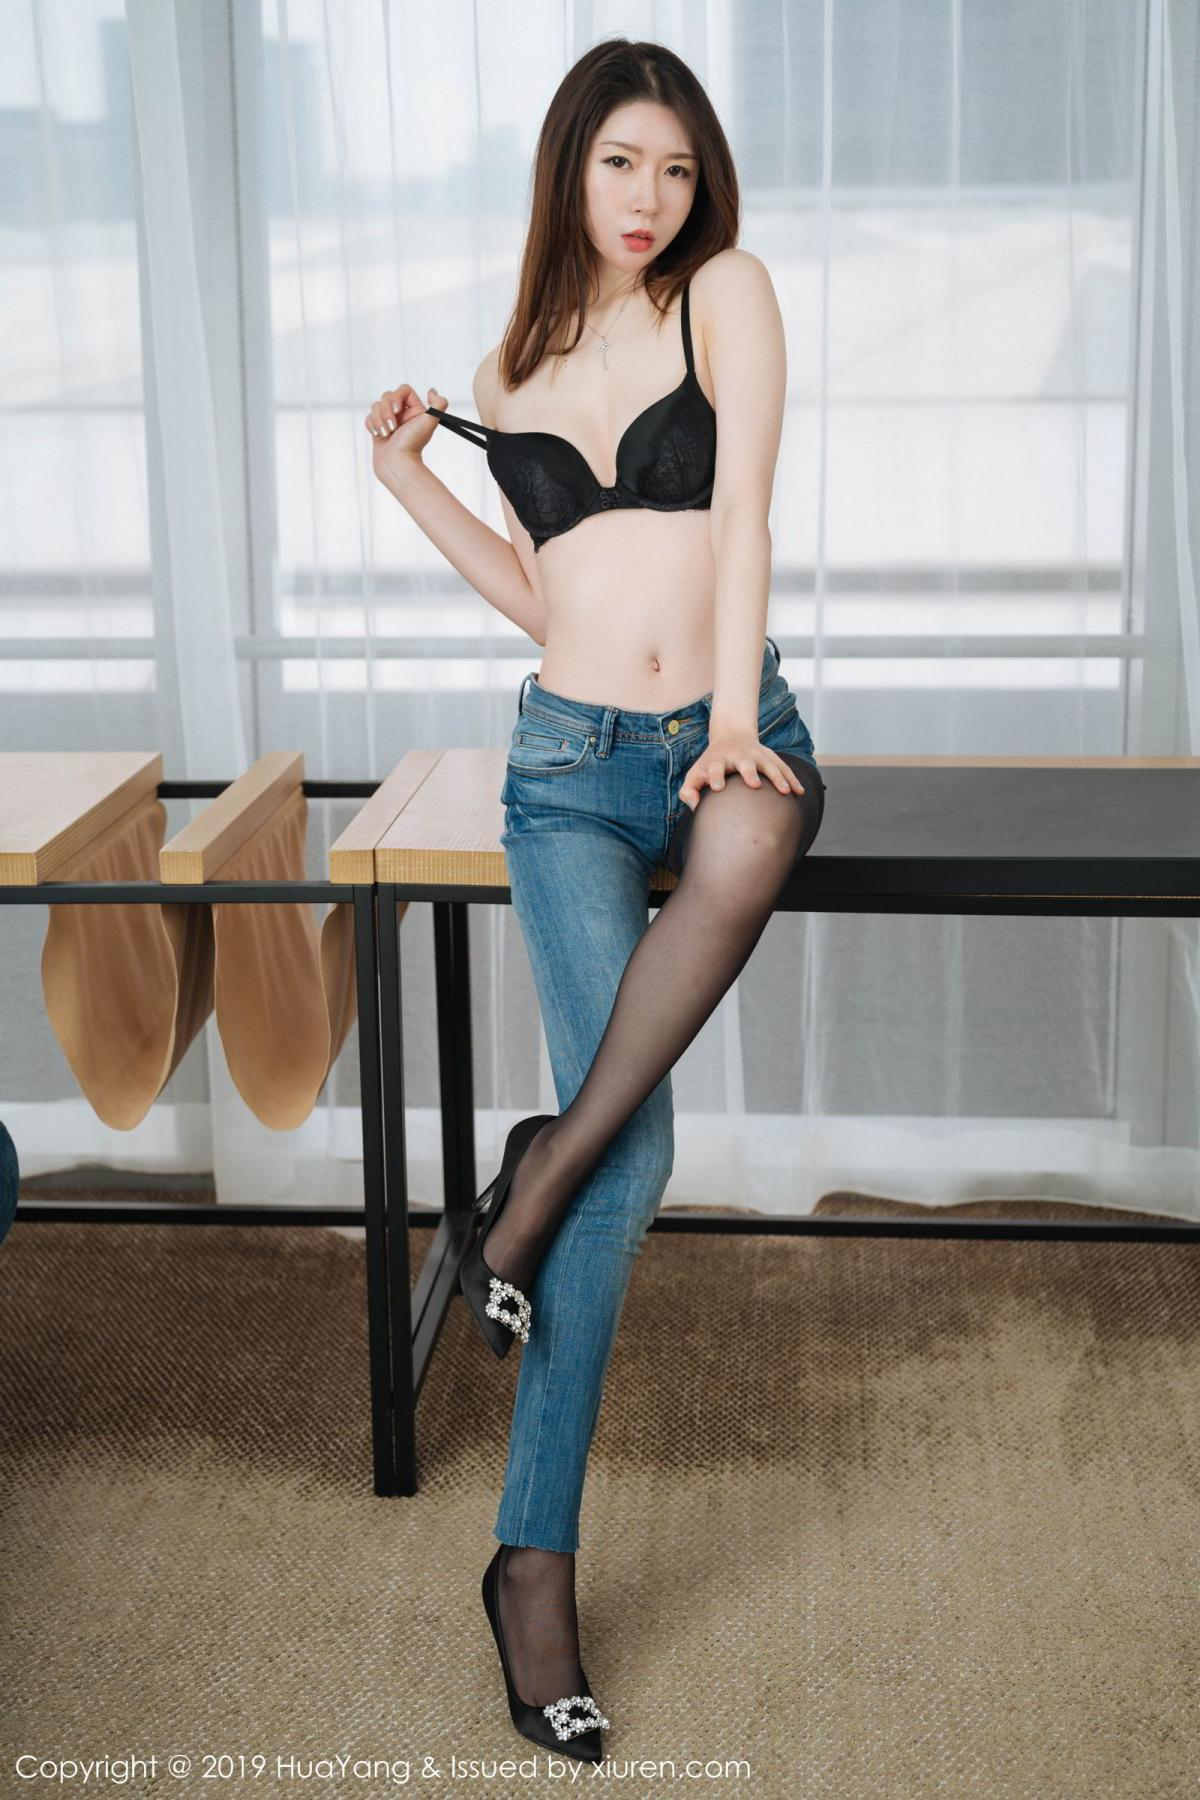 [Huayang] Vol.165 Meng Xin Yue 15P, Adult, HuaYang, Meng Xin Yue, Tall